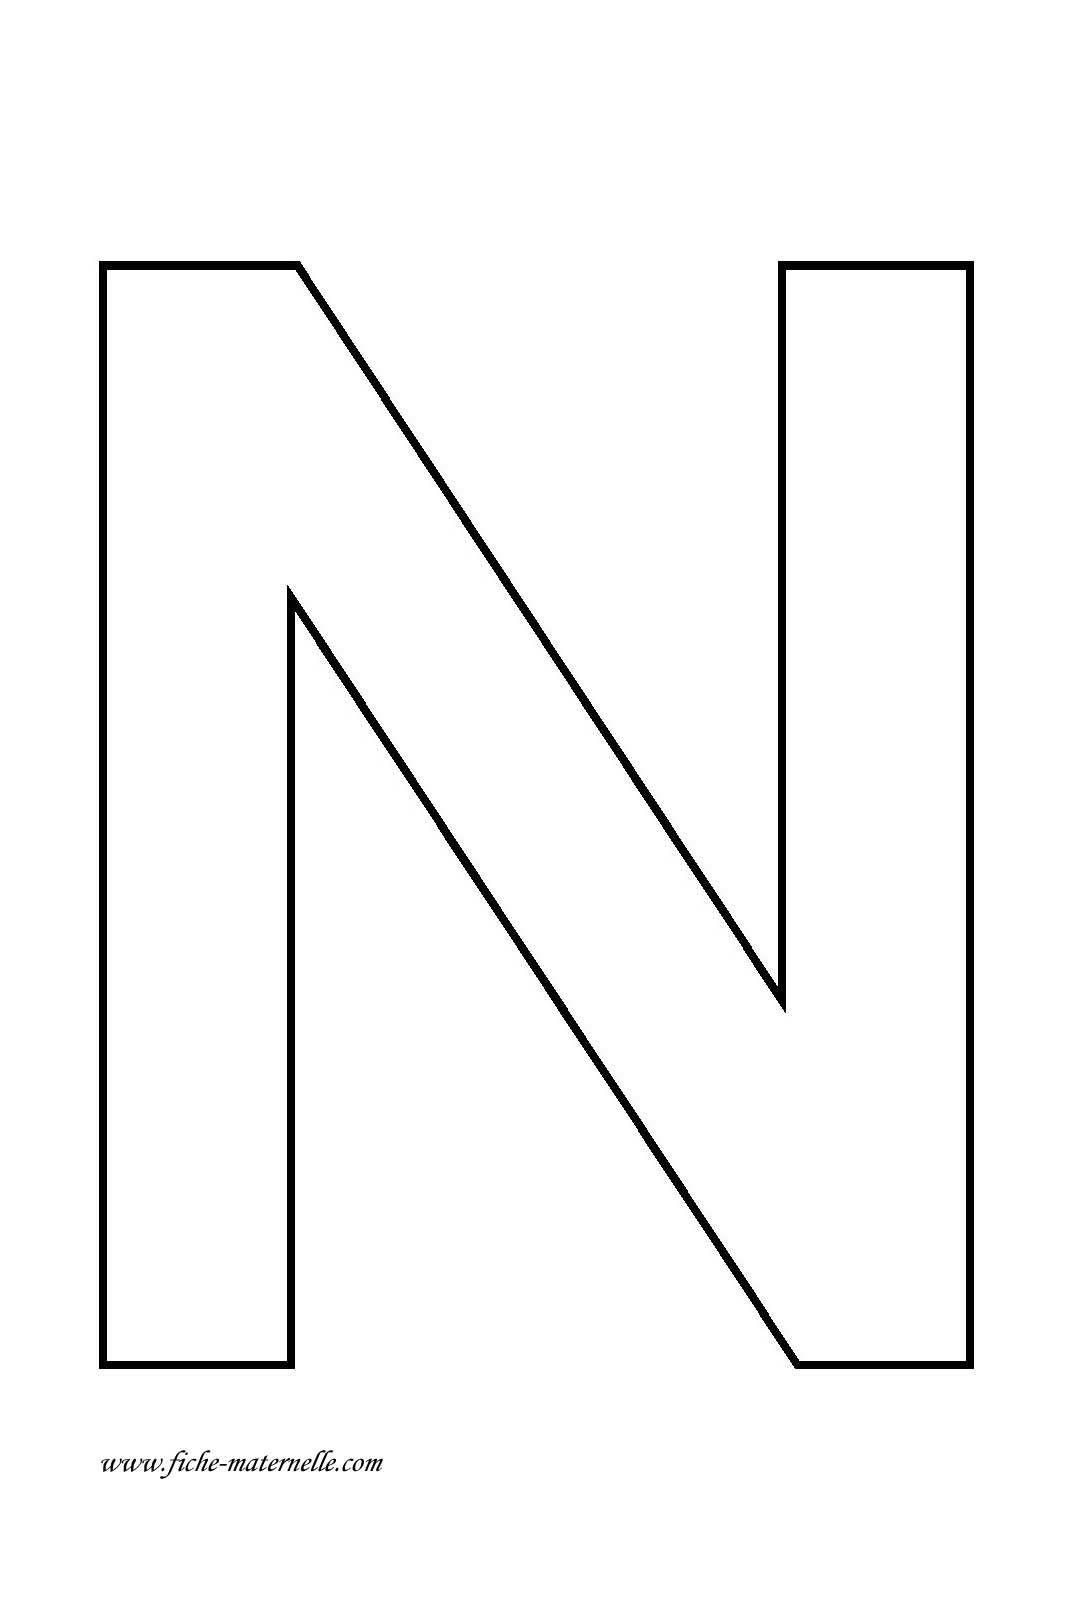 Dessins lettre n ducatifs page 2 documents pinterest alphabet lettres et lettre capitale - Grande lettre alphabet a imprimer ...